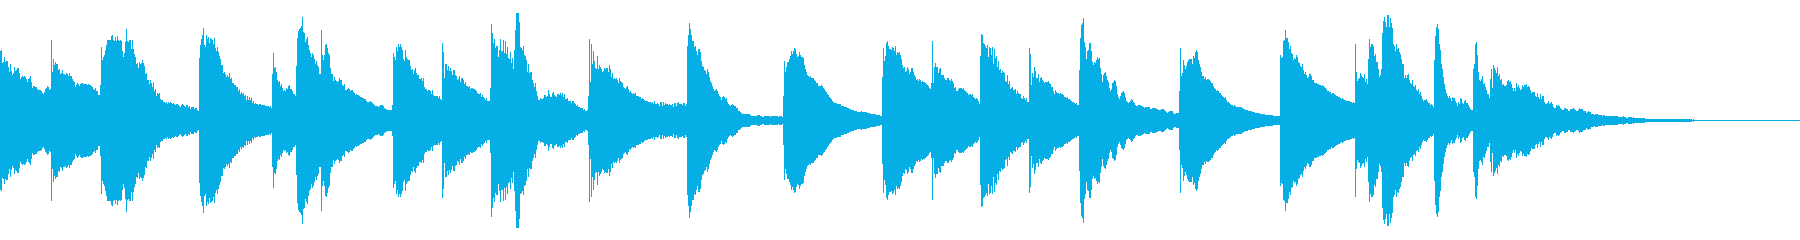 素朴で穏やかで拙いピアノの30秒ジングルの再生済みの波形